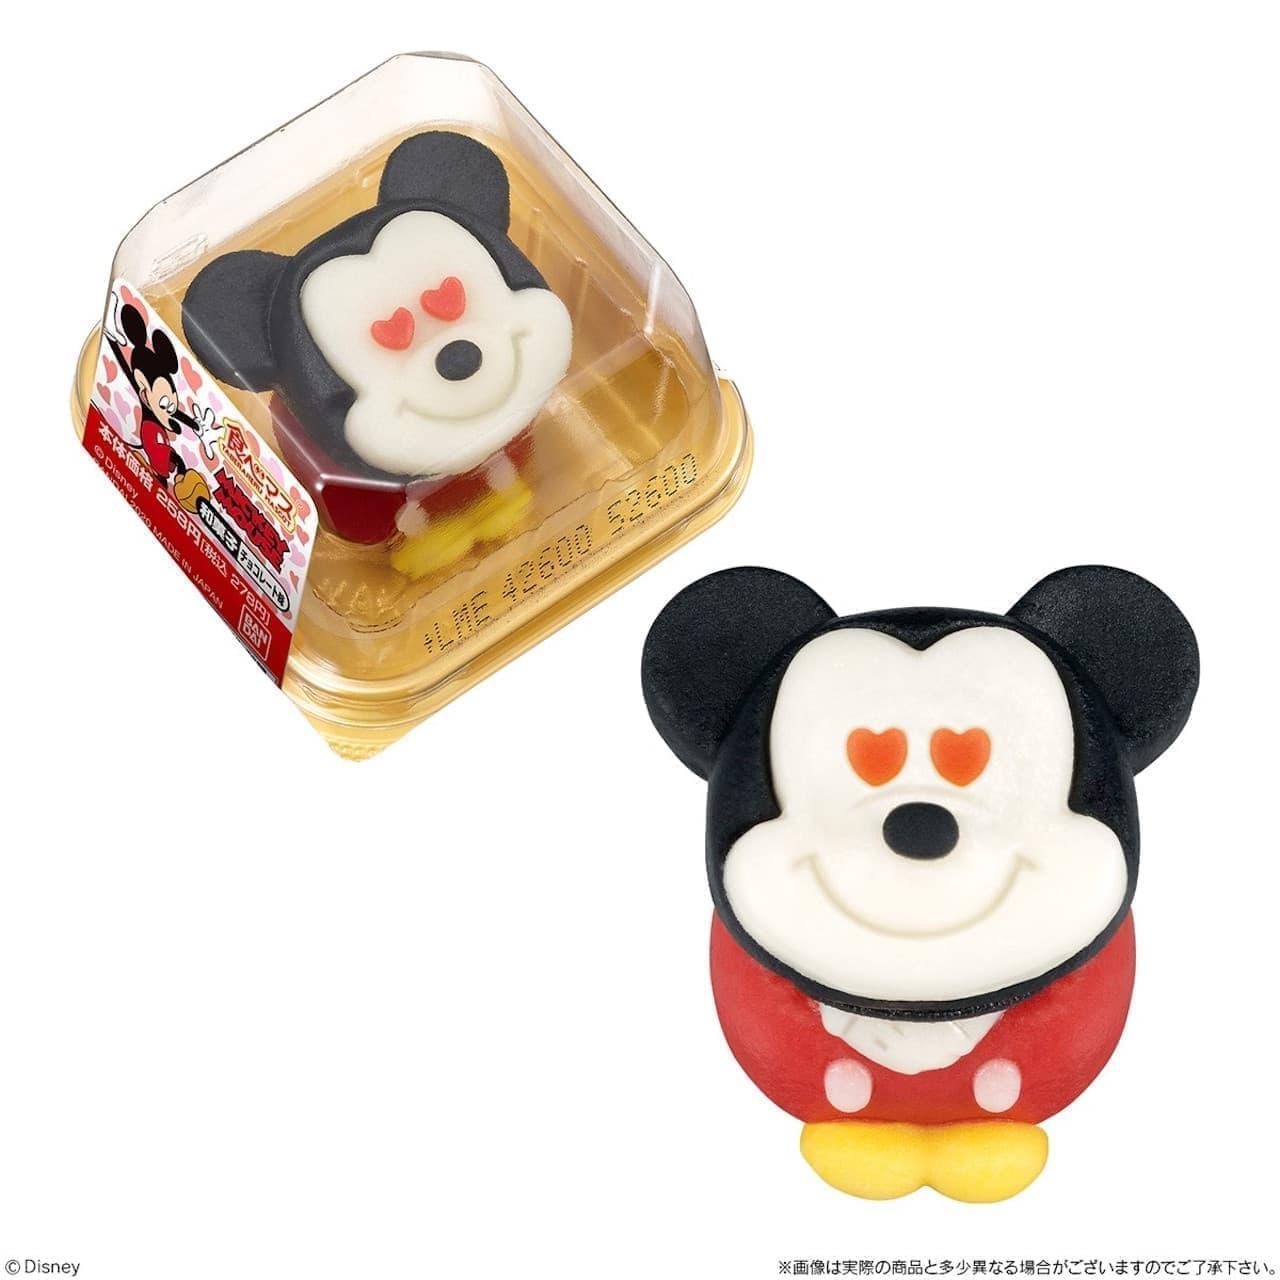 セブン-イレブン「食べマス Disney(ハートver.)」